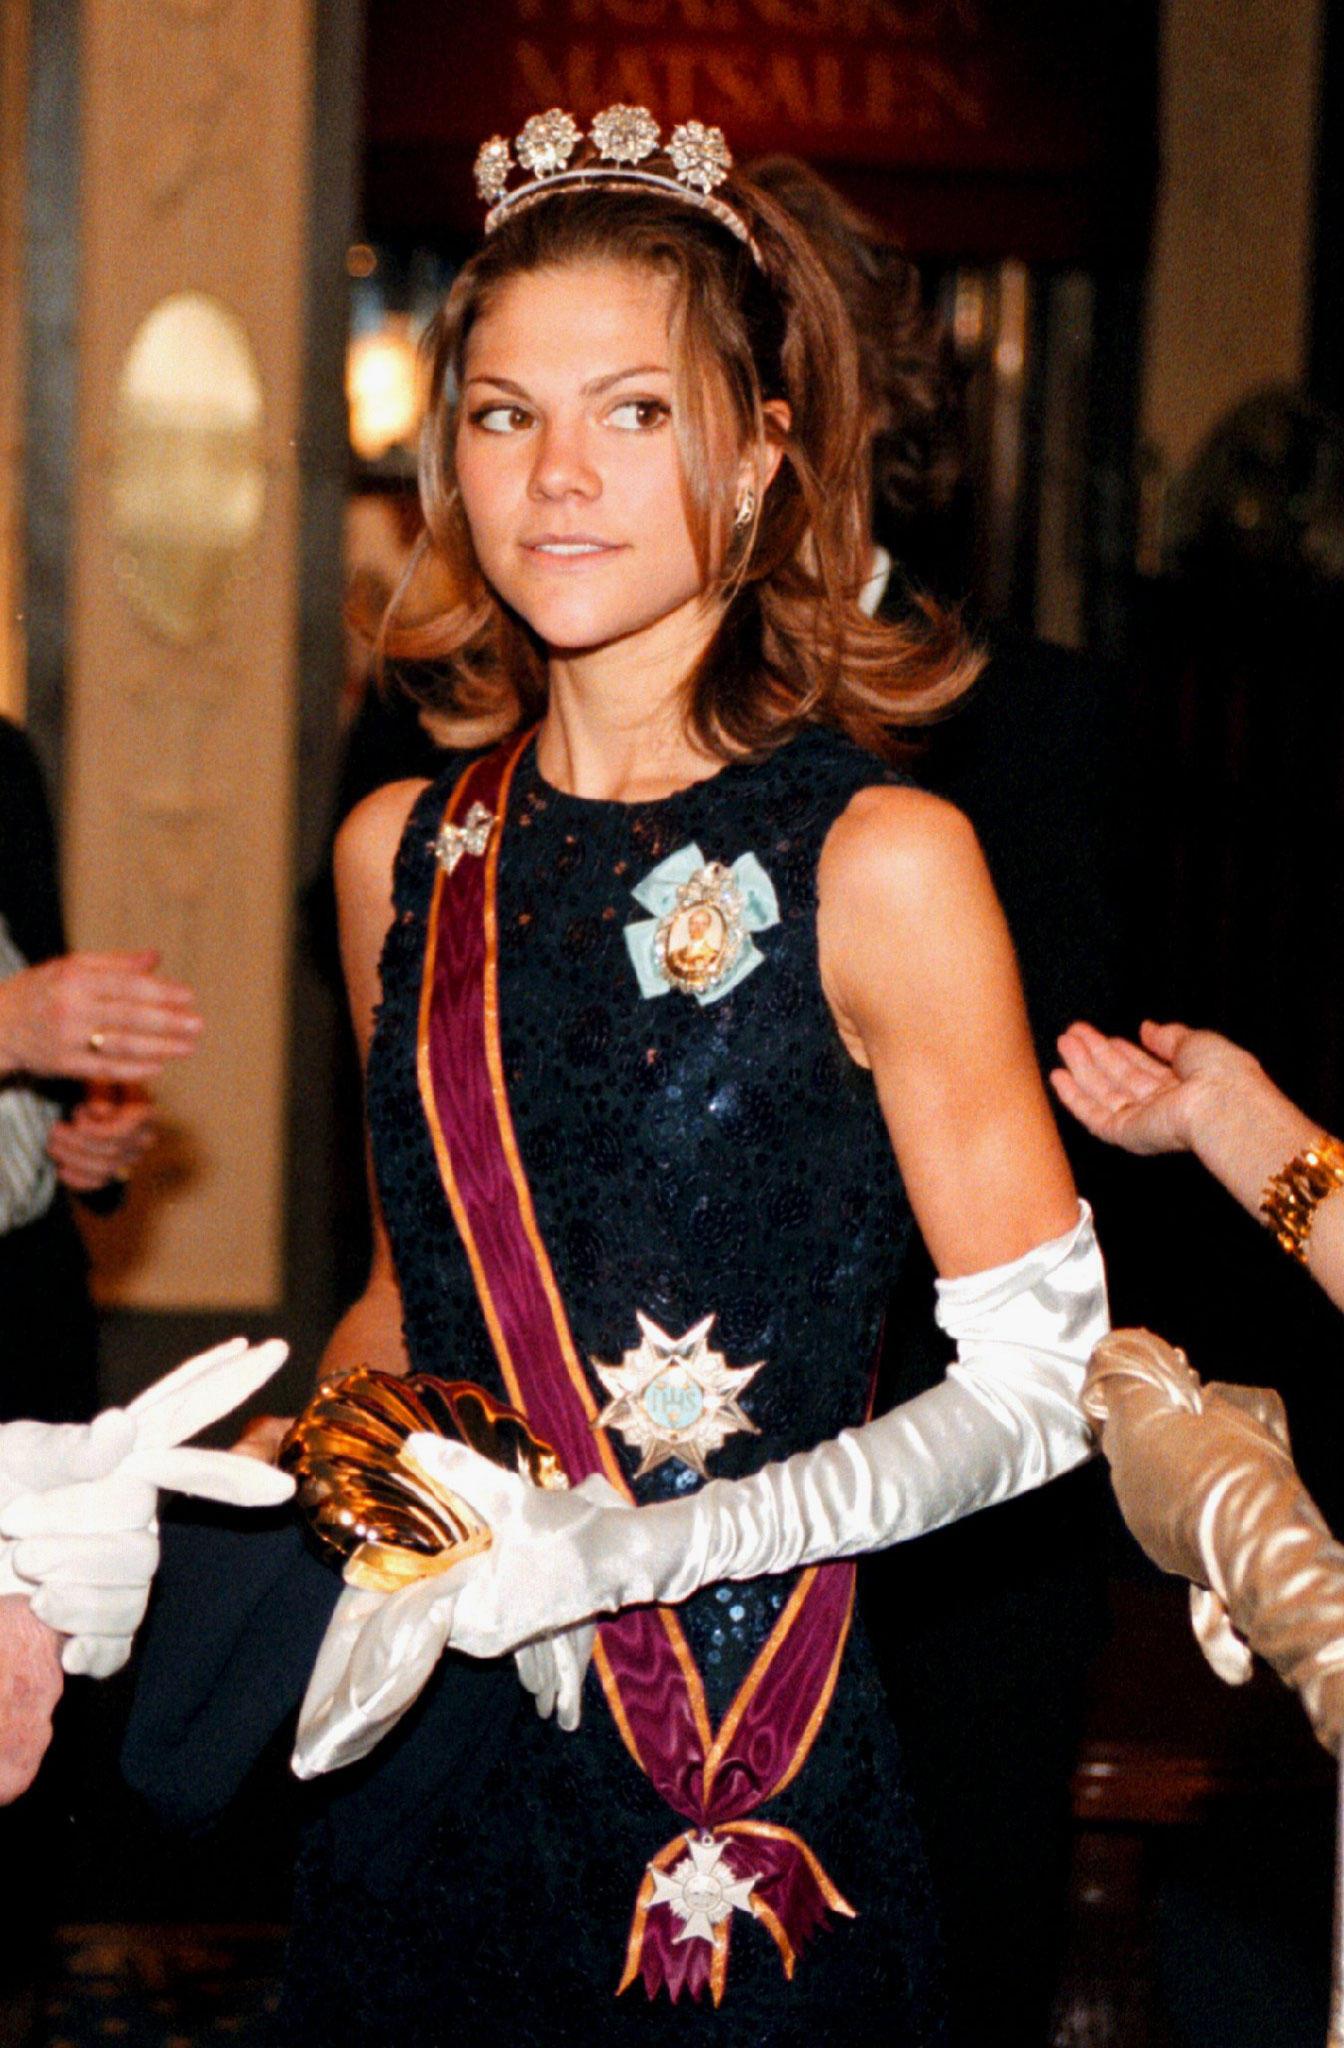 Victoria 1997 beim Innocence Ball in Stockholm. Sie scheint das schwere Diadem kaum tragen zu können.